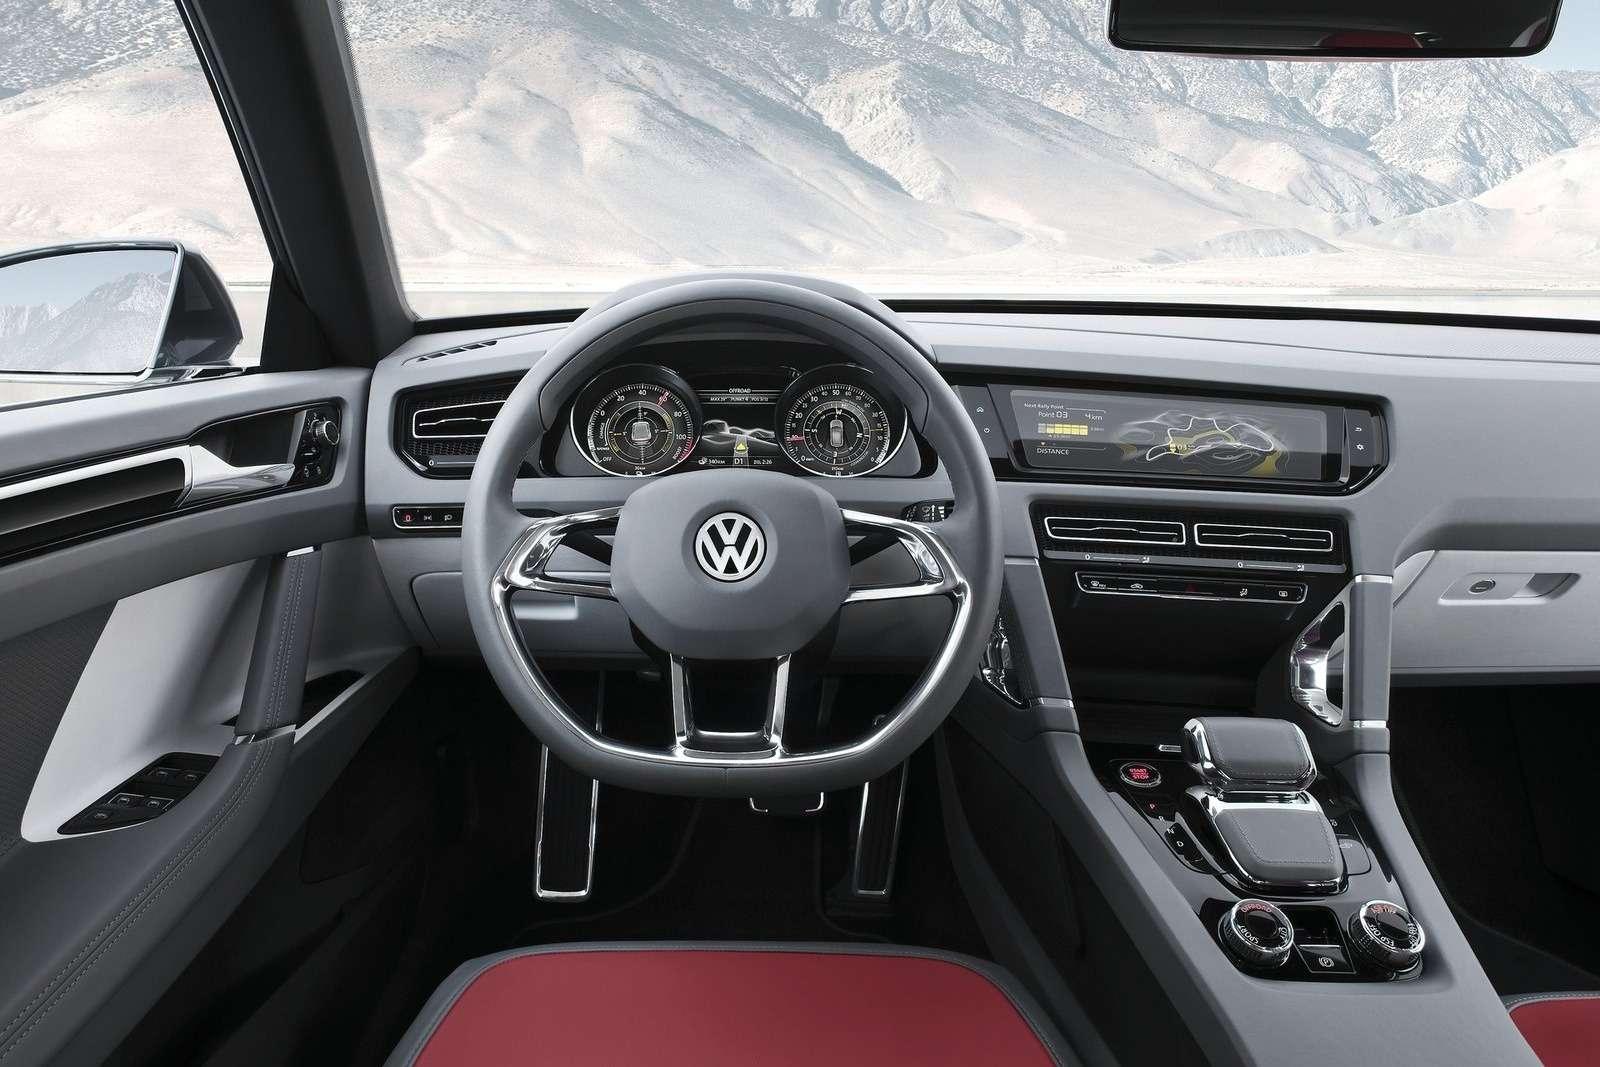 Volkswagen-Cross_Coupe_Concept_2011_1600x1200_wallpaper_14